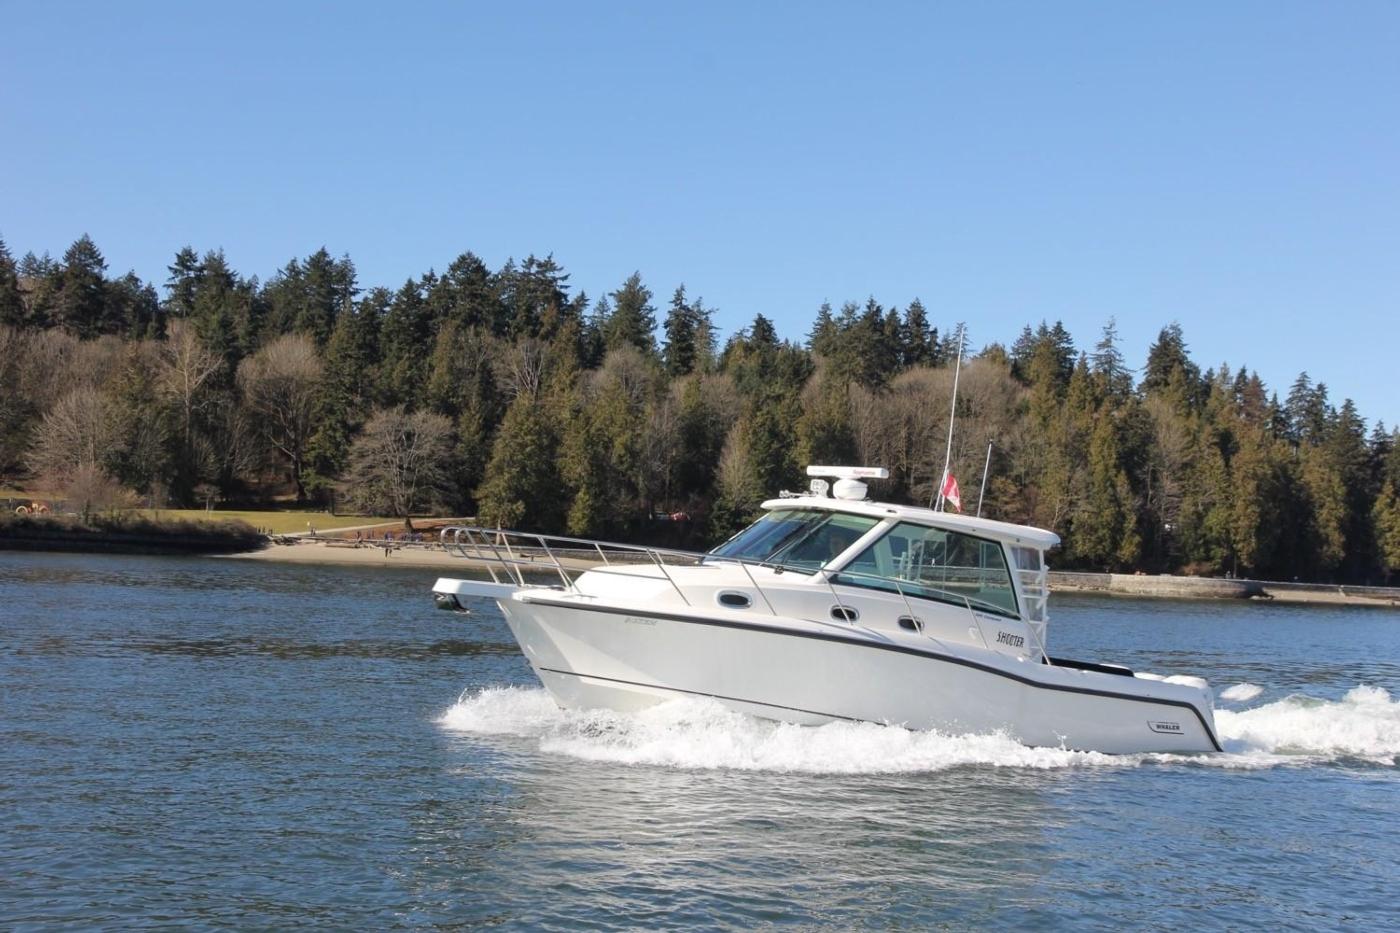 2017 Boston Whaler 345 Conquest, Port View Underway